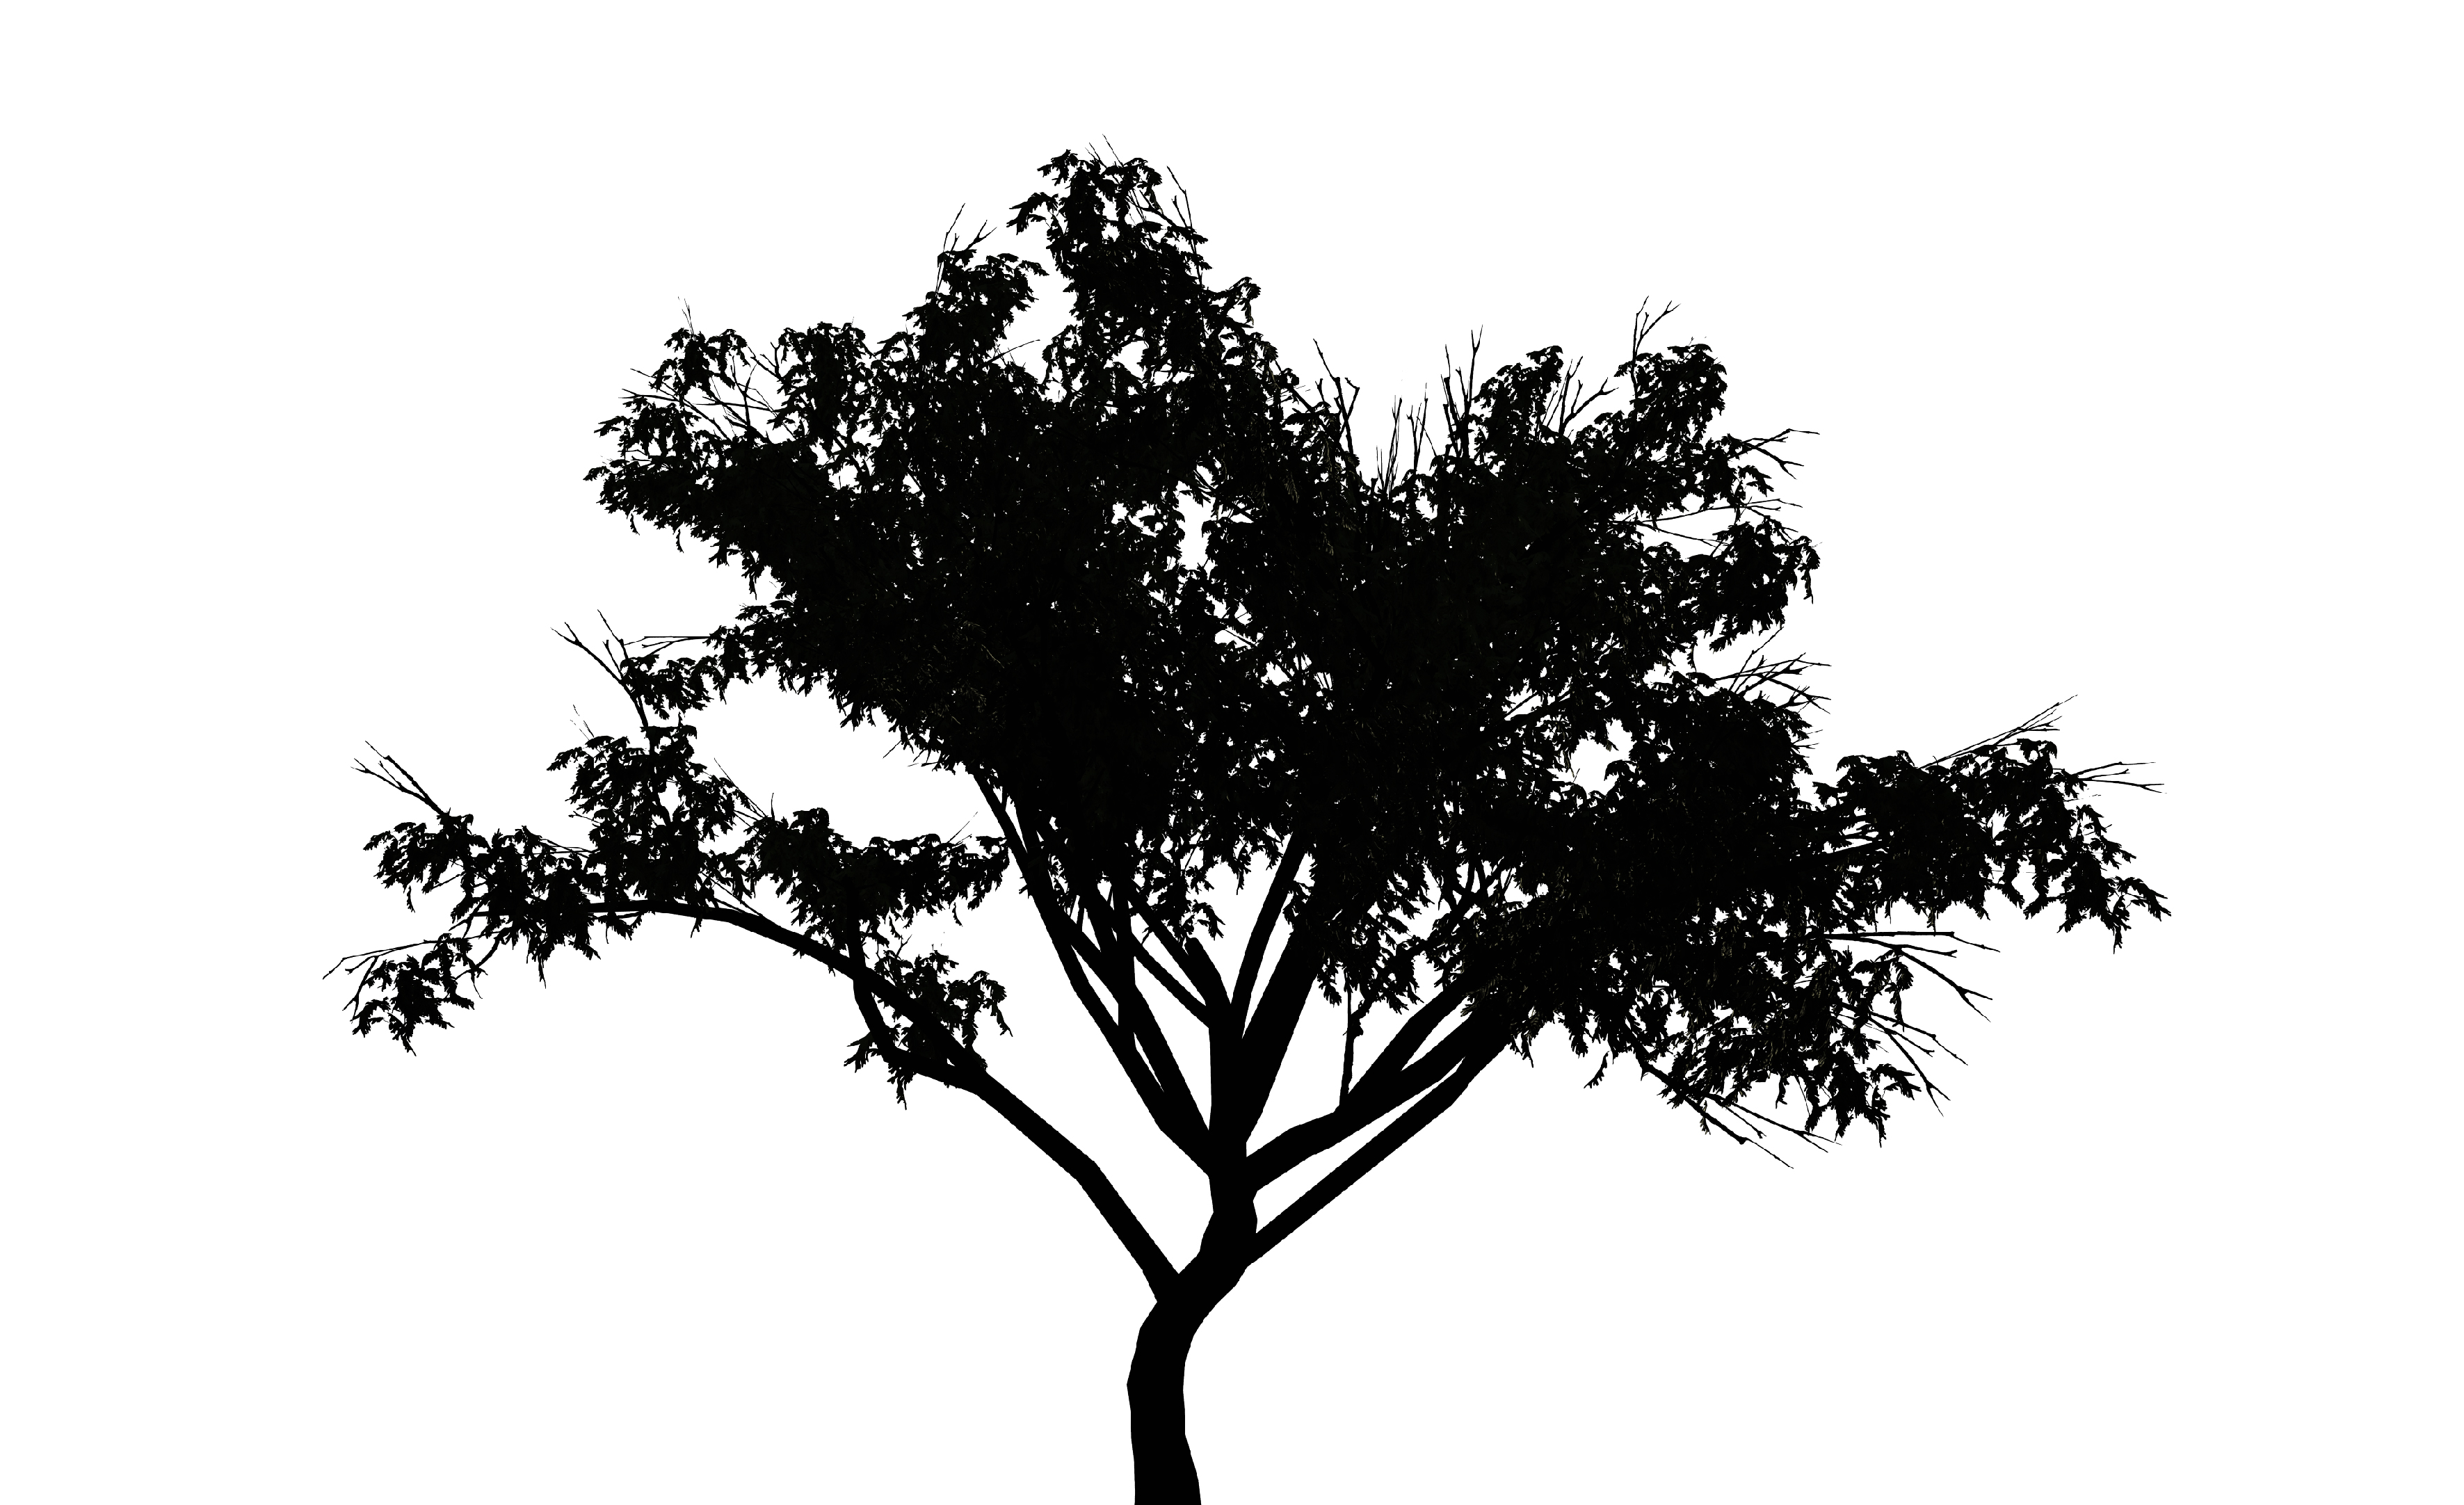 흰 바람벽이 있어-백석_-검은 나무_영상 3분 30초 (loop)_2016